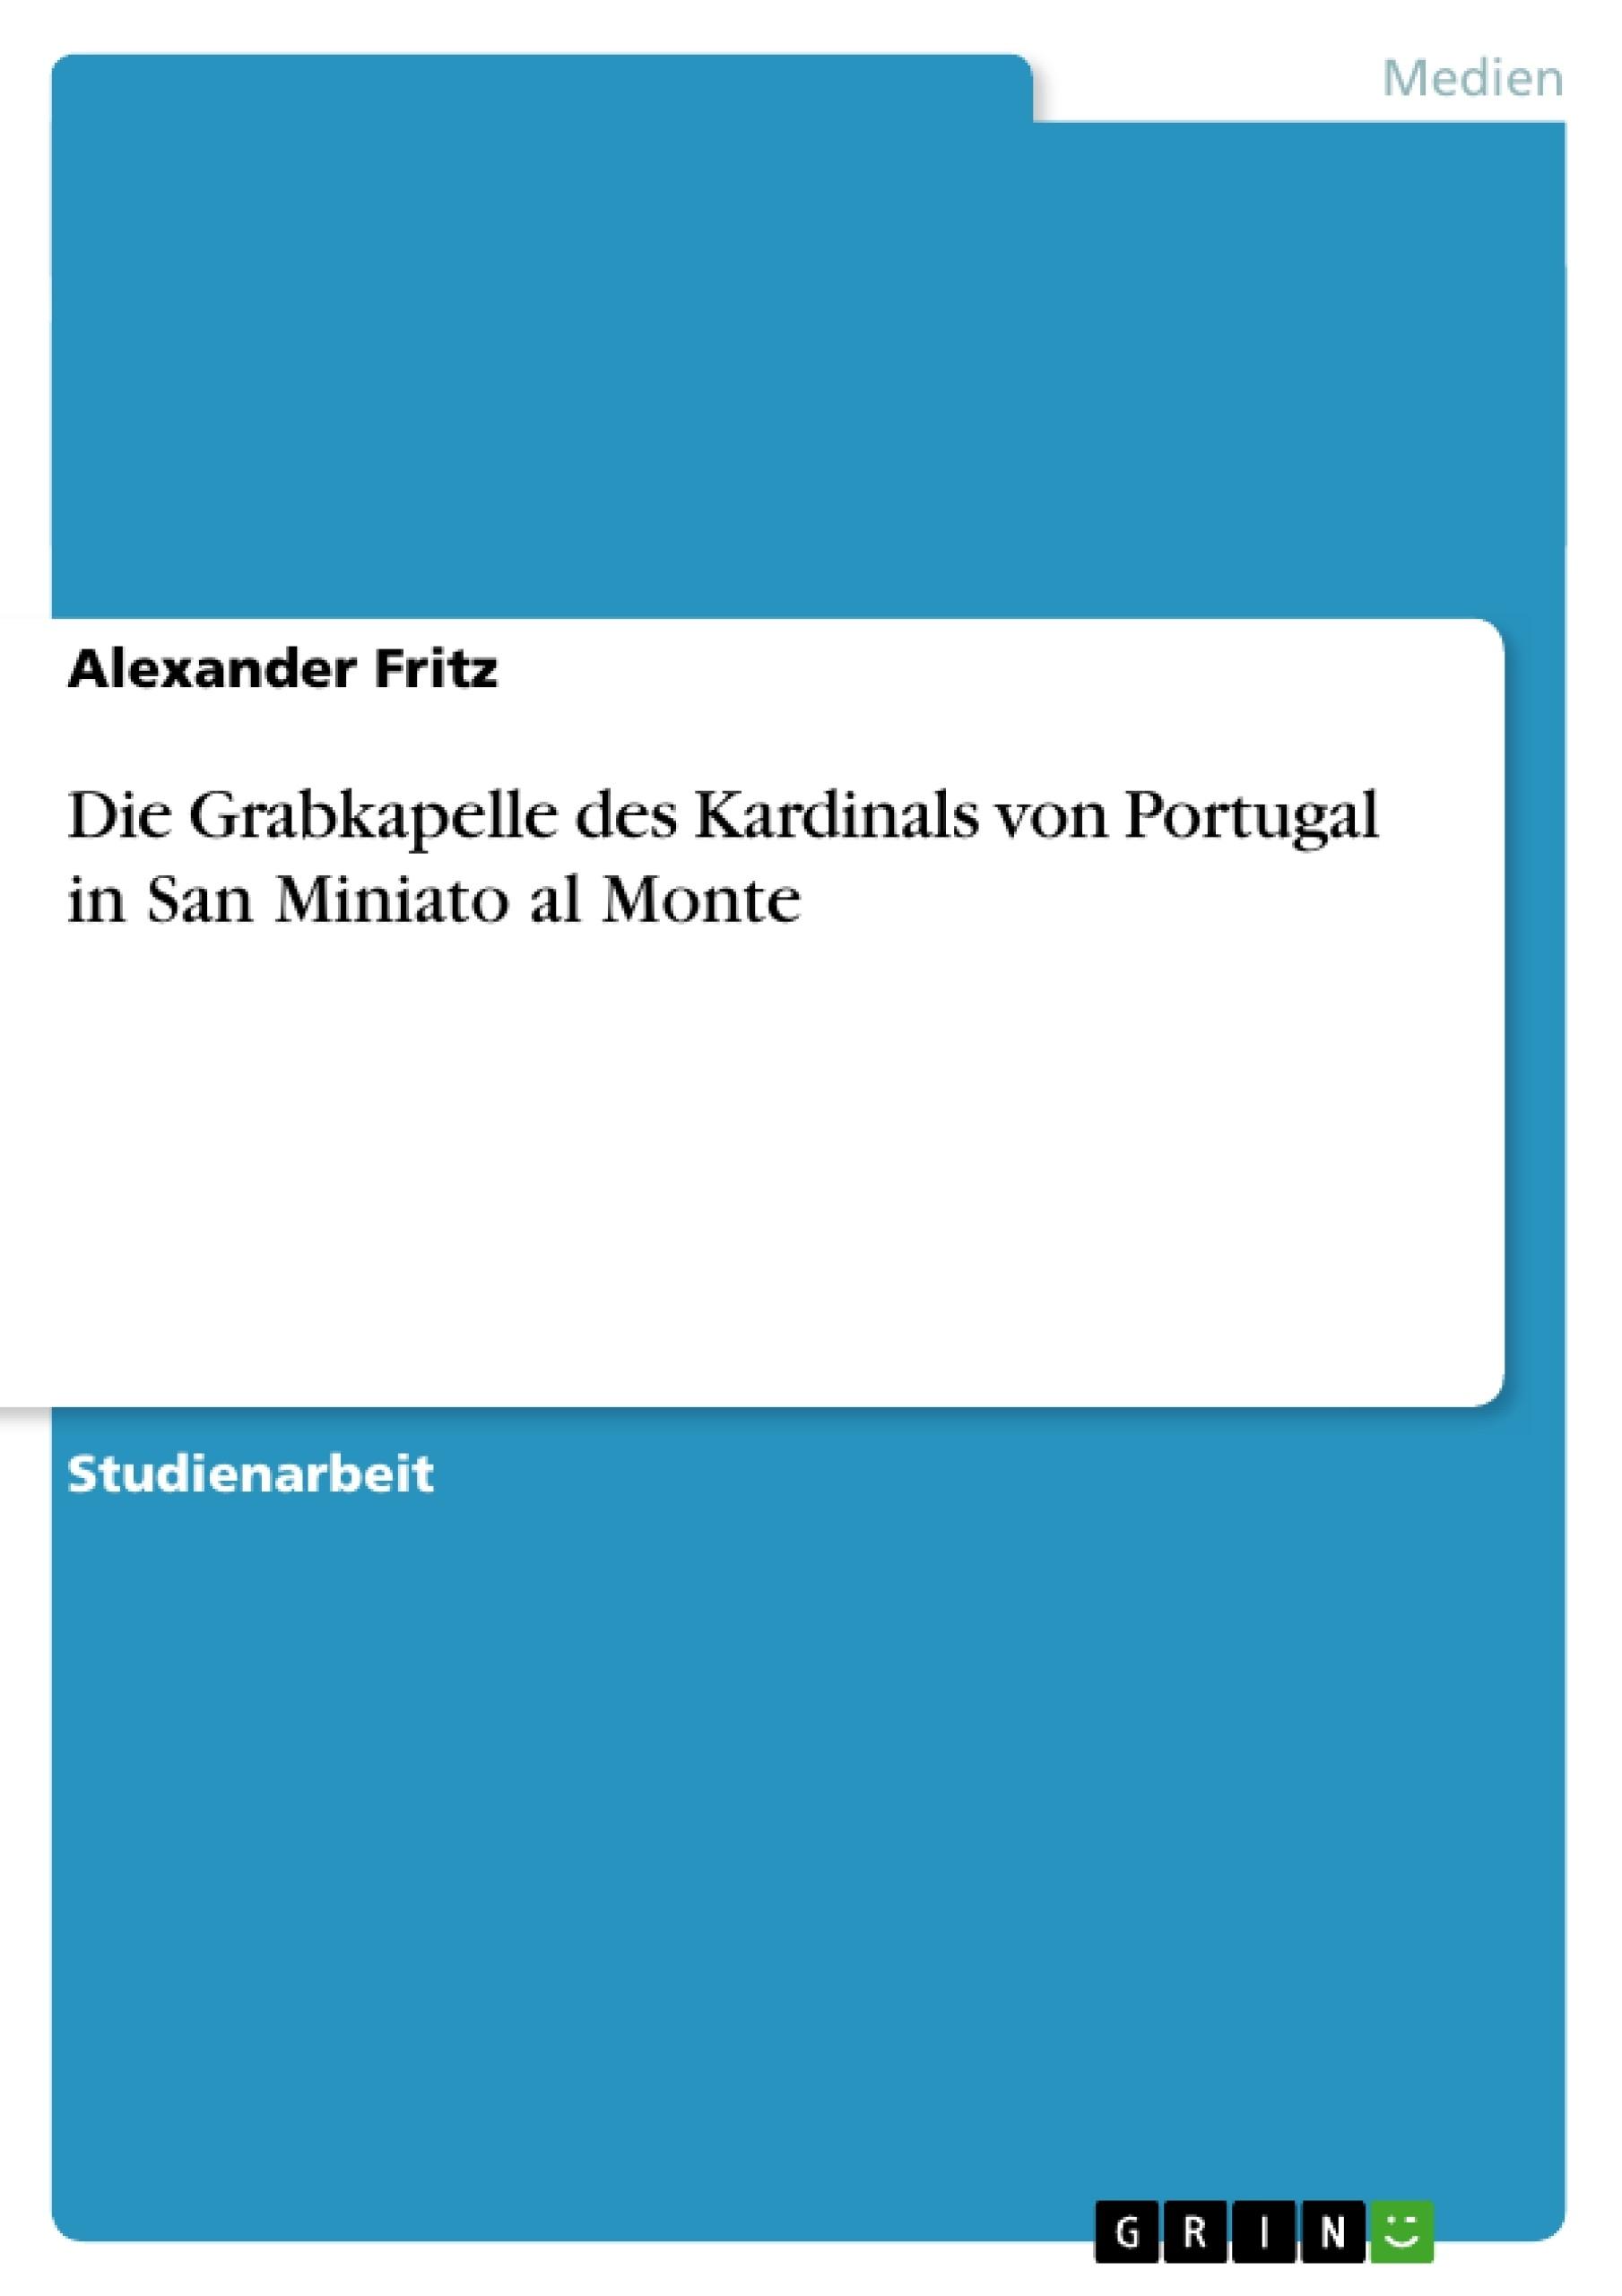 Titel: Die Grabkapelle des Kardinals von Portugal in San Miniato al Monte